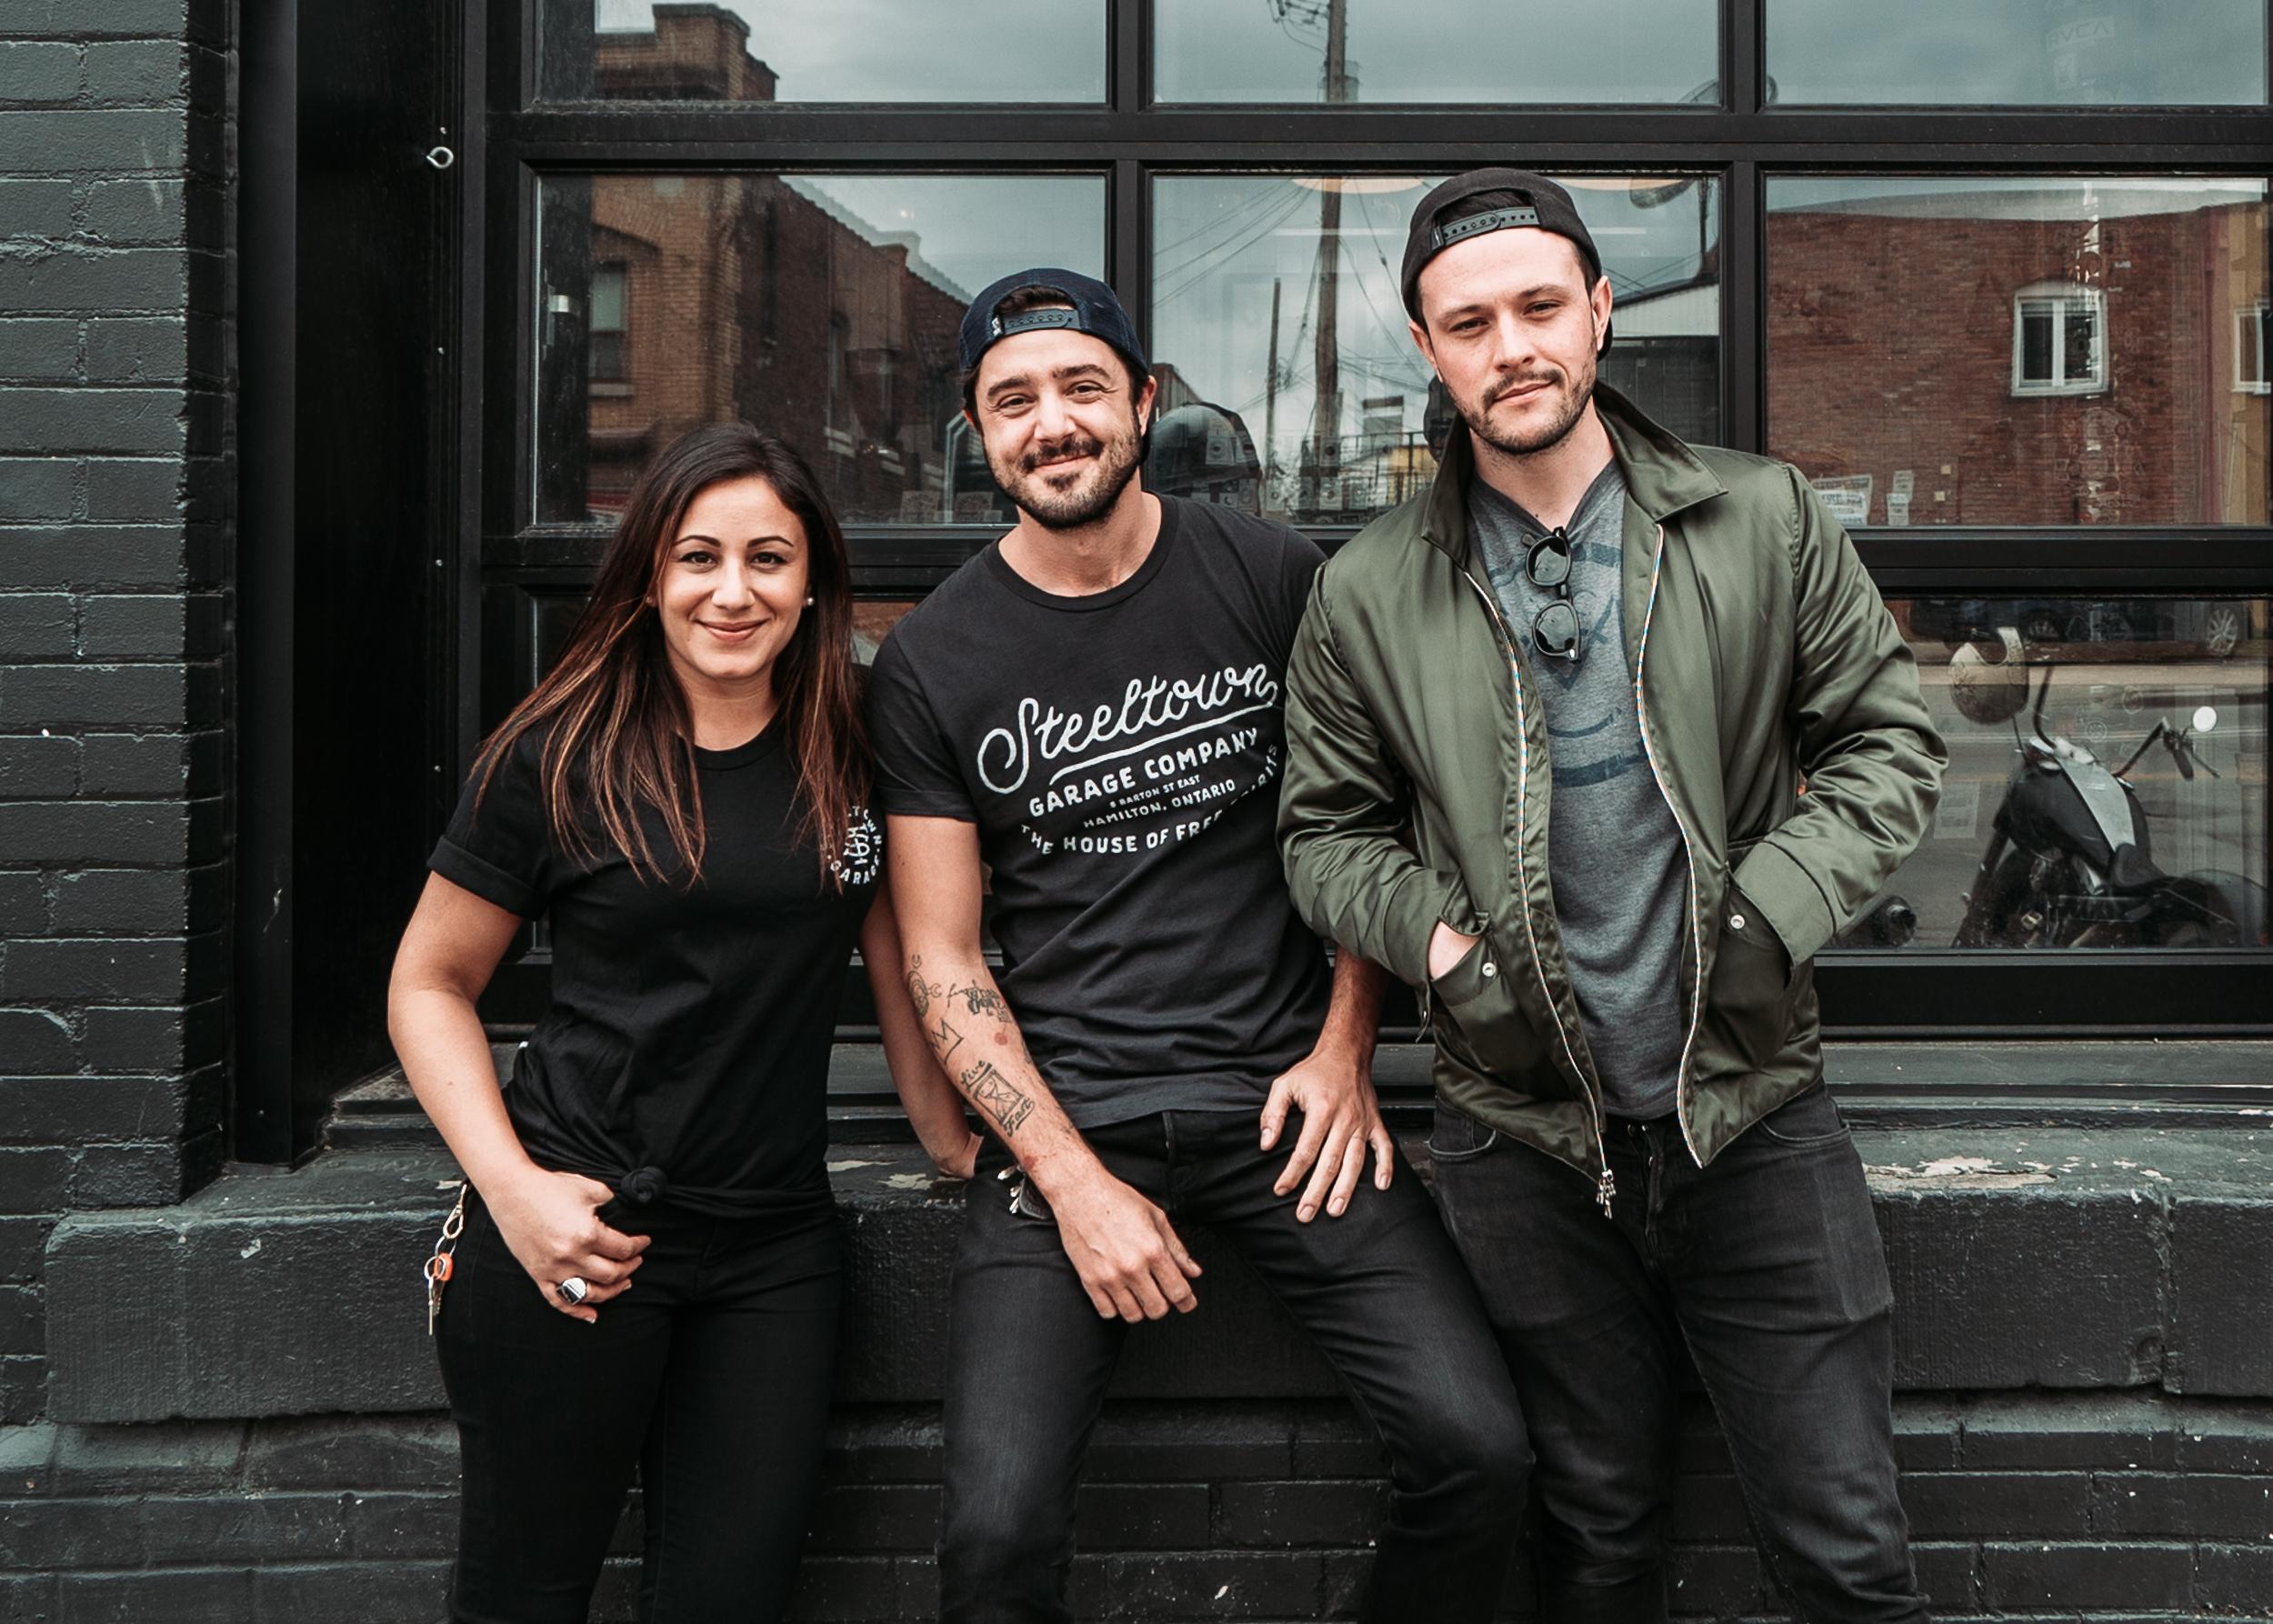 Tania, Jeff & Allan | #TheMotoSocialHAMILTON